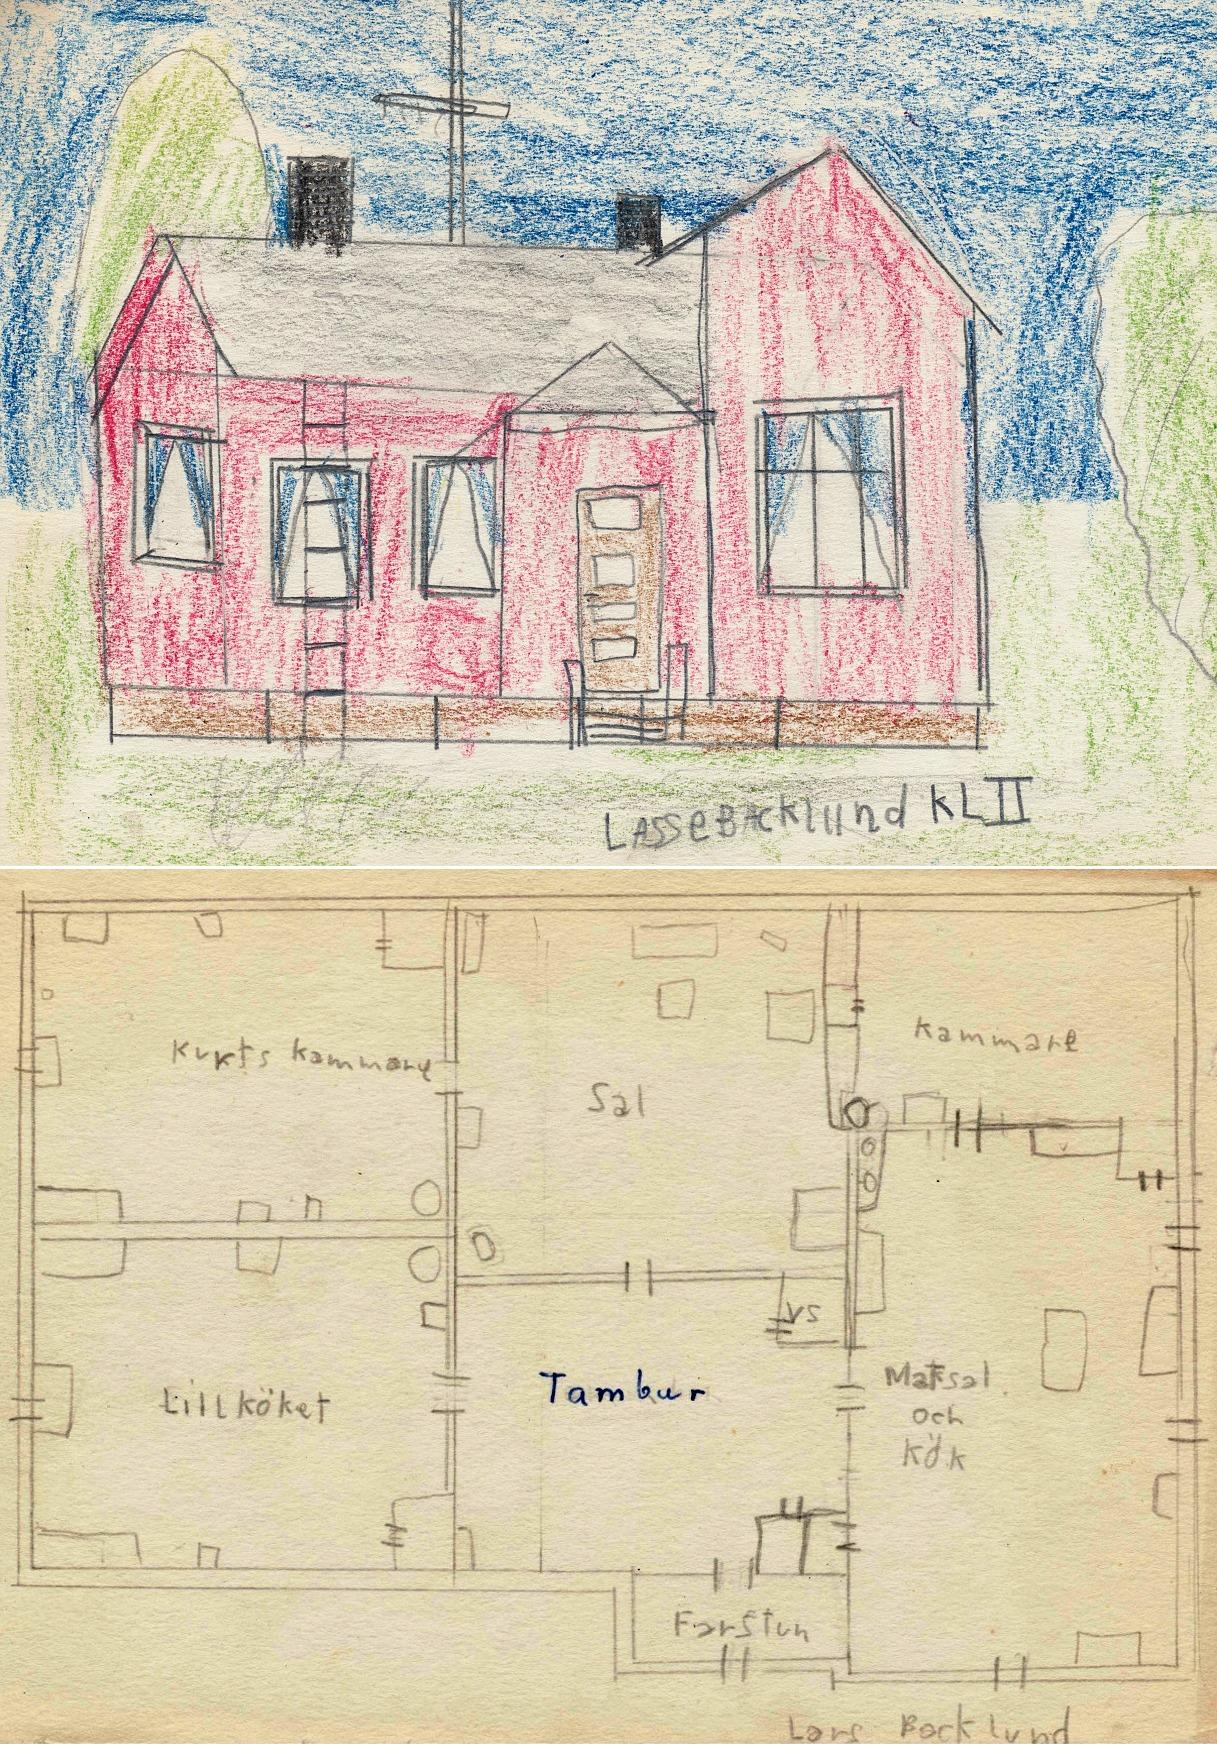 I skolan hörde det till att man på teckningslektionerna skulle göra ritningar och bilder av hemgården. Som det syns så har jag aldrig haft några konstnärliga talanger och det finns stora fel i proportionerna. På den övre bilden ville jag nog helst visa TV-antennen på taket som visade att vi redan 1963 skaffat en TV, en svartvit Luxor som Venzel Smith från Andelshandeln kom och installerade. Sedan satt vi hela familjen och tittade på den enda kanalen som fanns, till på köpet med störningar i bilden eftersom utsändningen den tiden kom från Lappo. Ibland då det var passligt väder gick det att få in sändningar från Sverige via sändaren i Vännes väster om Umeå. Men roligt var det, det gick till och med att sitta och titta på den så kallade testbilden som visades dagtid. På bottenplanen ser vi att det fanns ett rum som vi kallade för Lillköket. Det här var i tiderna Ethels kammare där hon bodde tills hon flyttade till Klemetsändan i början på 50-talet. Senare blev de båda kamrarna i västra ändan pojkarnas rum.